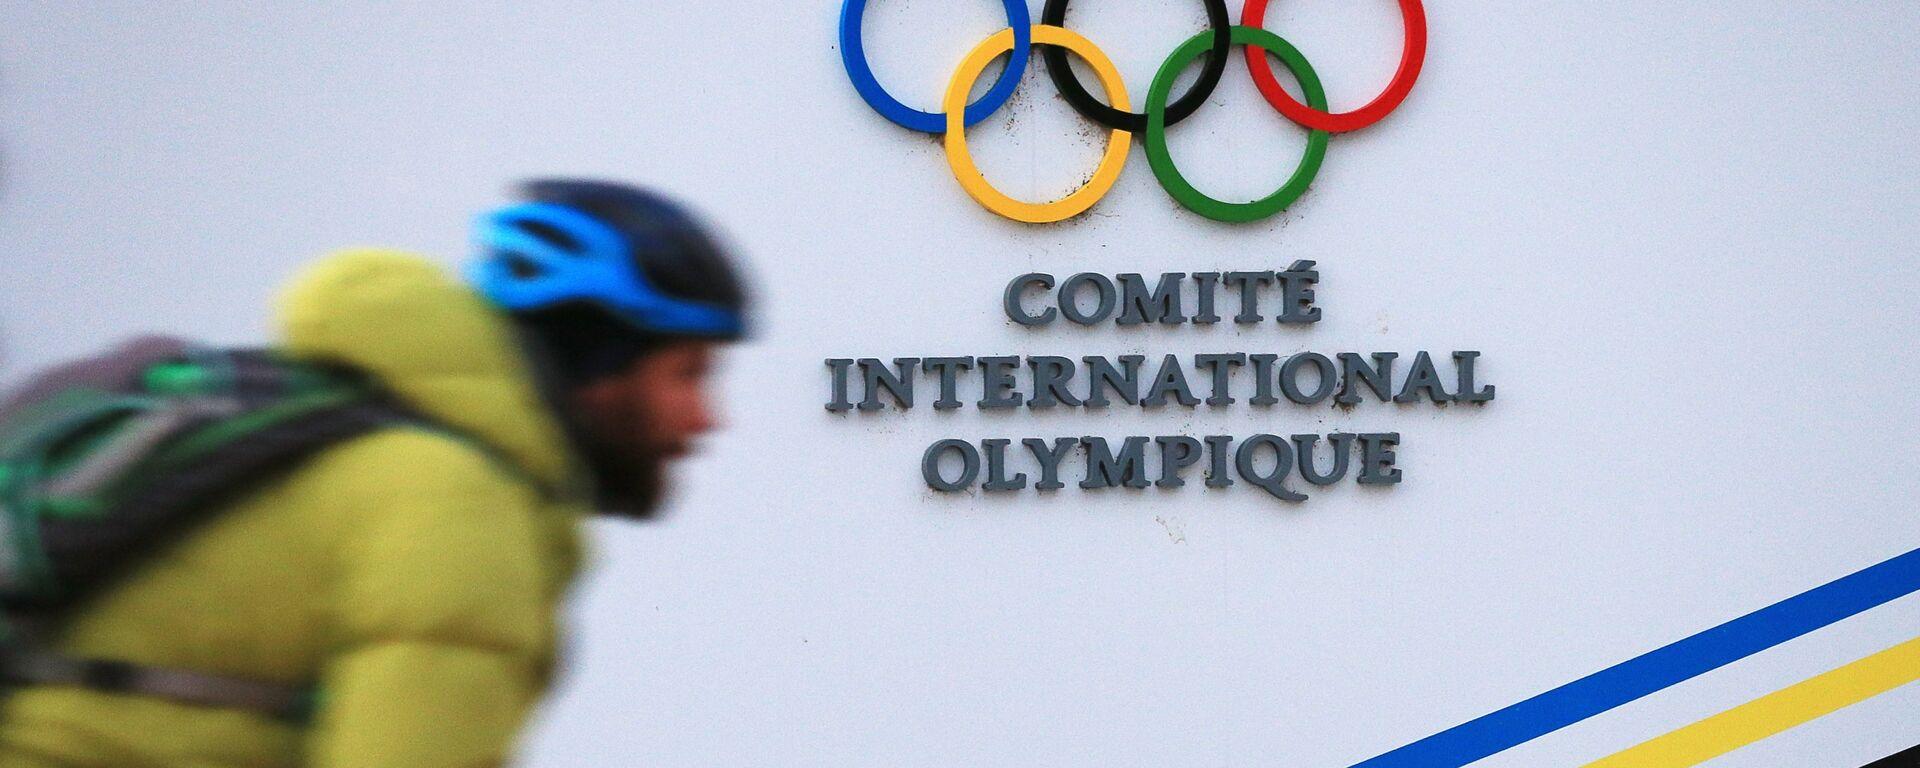 Logo de Comité Olímpico Internacional (COI) - Sputnik Mundo, 1920, 06.08.2021